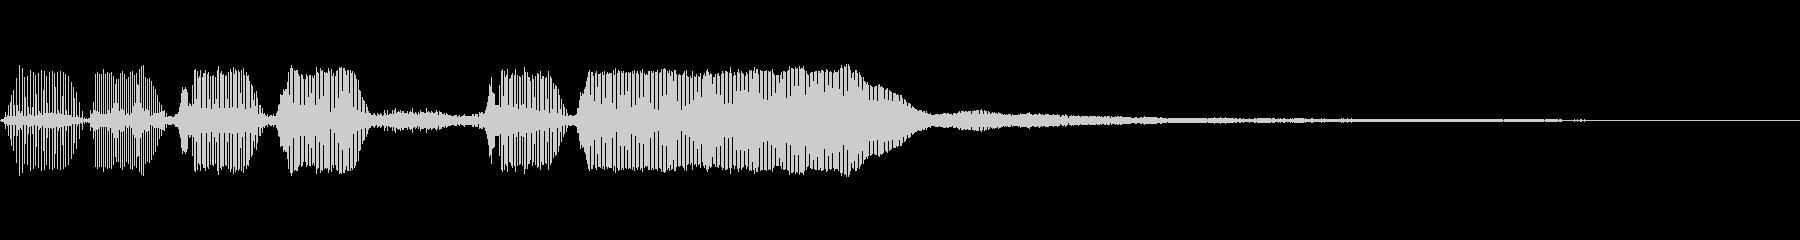 ラッパのファンファーレの未再生の波形